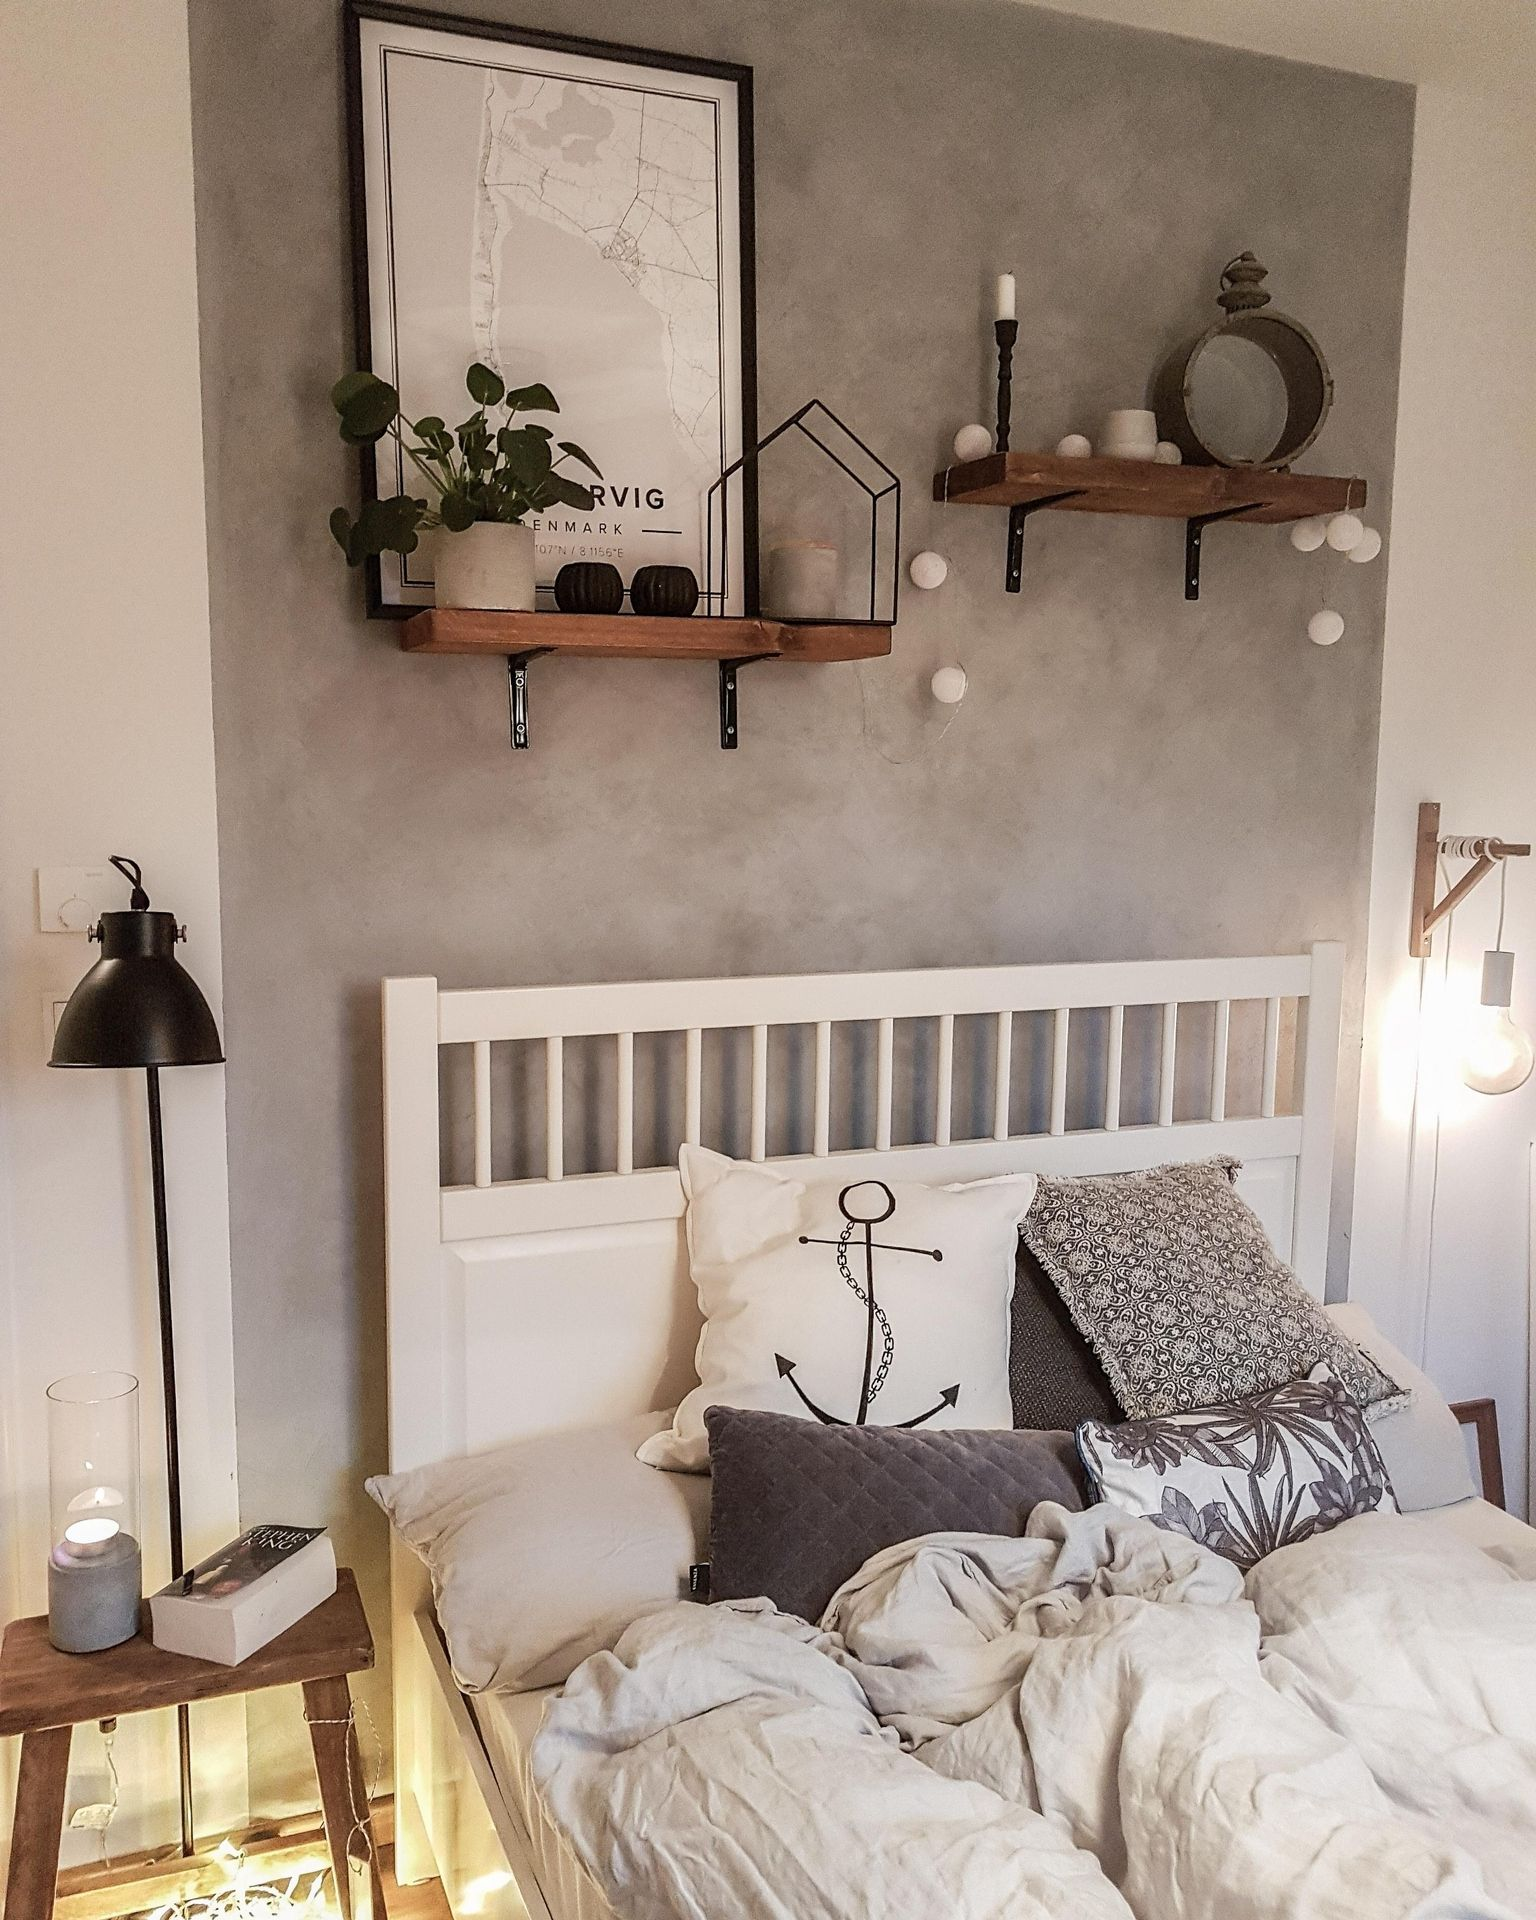 Unser Community-Mitglied Elbankerdekoration hat einen wunderchönen Geschmack, das zeigt uns auch wieder das Schlafzimmer! Entdecke noch mehr Wohnideen auf COUCHstyle #living #wohnen #wohnideen #einrichten #interior #COUCHstyle #schlafzimmer #anker #deko #neuesdekor